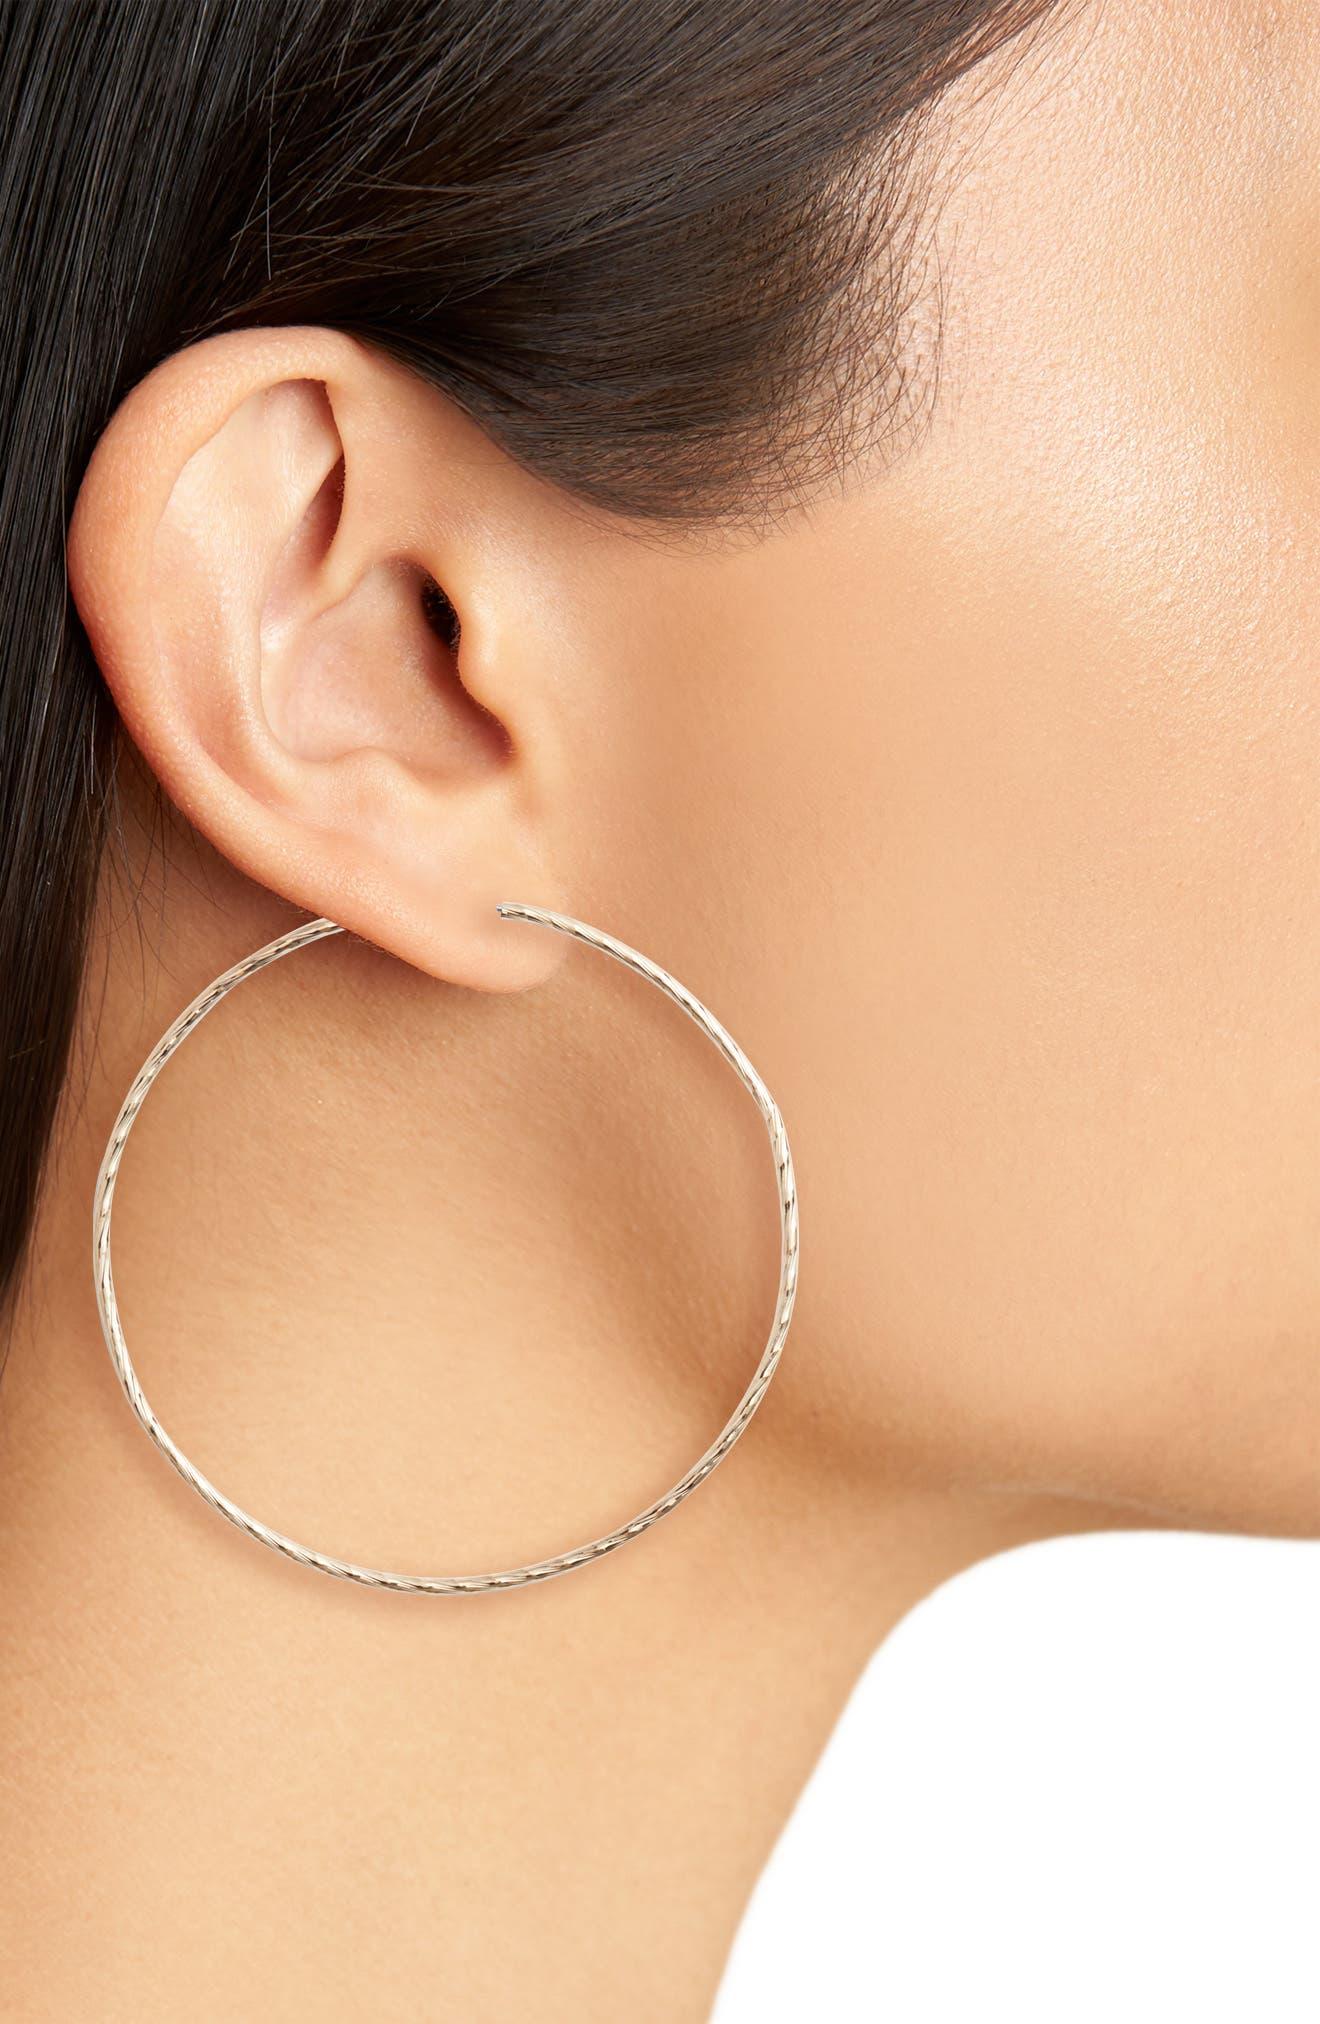 Factor Hoop Earrings,                             Alternate thumbnail 2, color,                             710